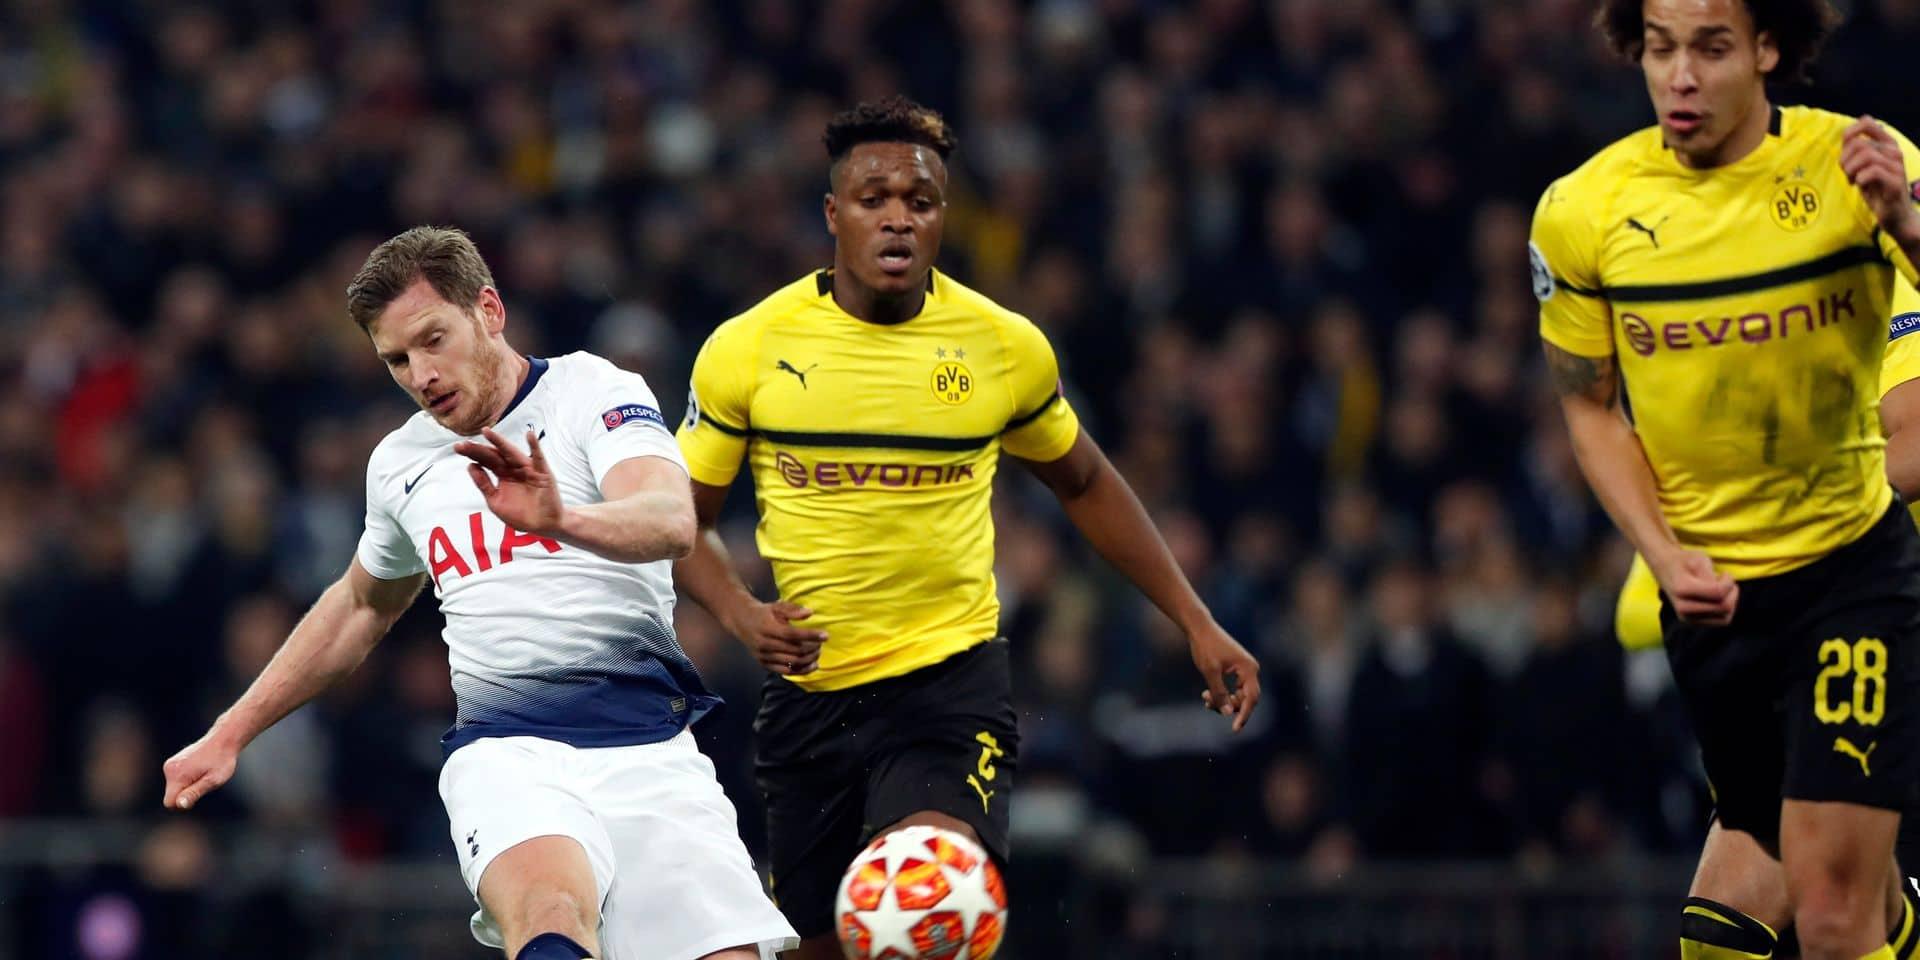 Vertonghen homme du match, Witsel s'est éteint: les notes des joueurs clé de Tottenham-Dortmund